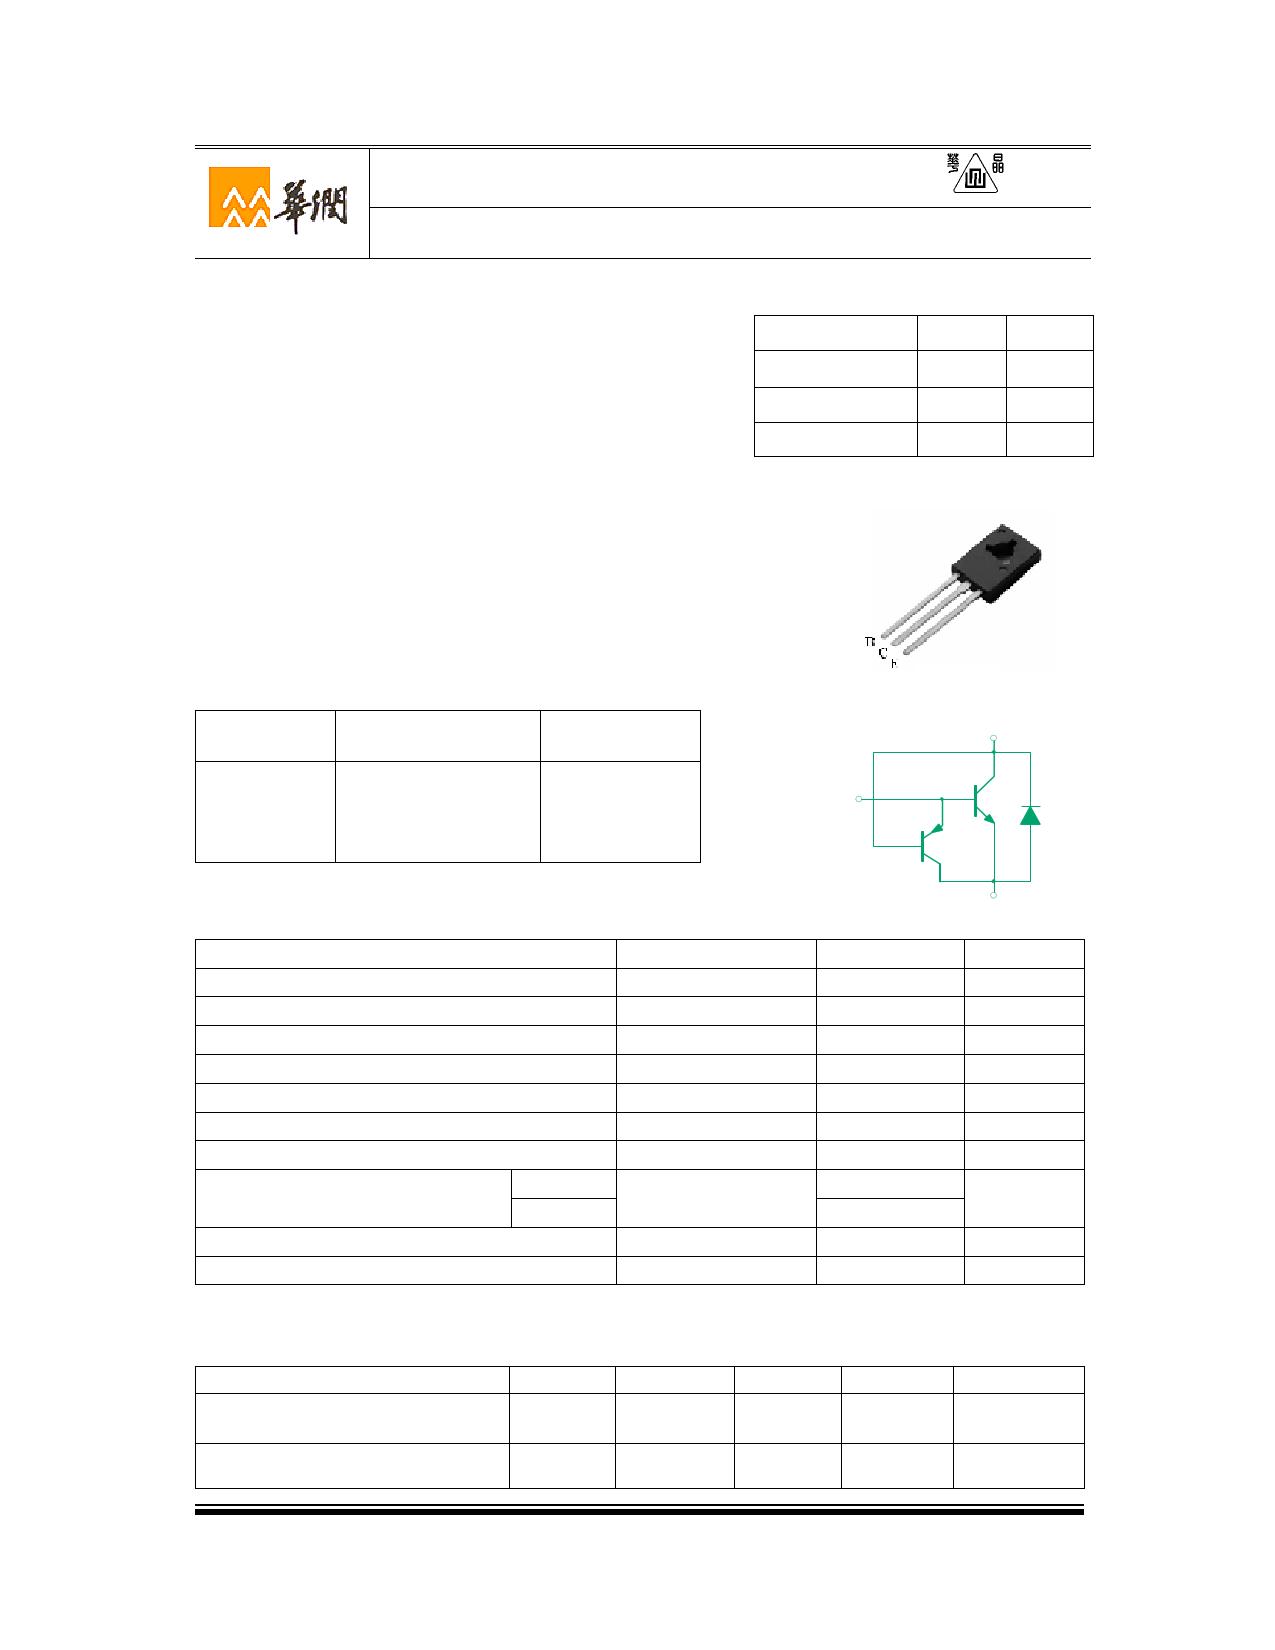 3DD13003U6D Datasheet, 3DD13003U6D PDF,ピン配置, 機能